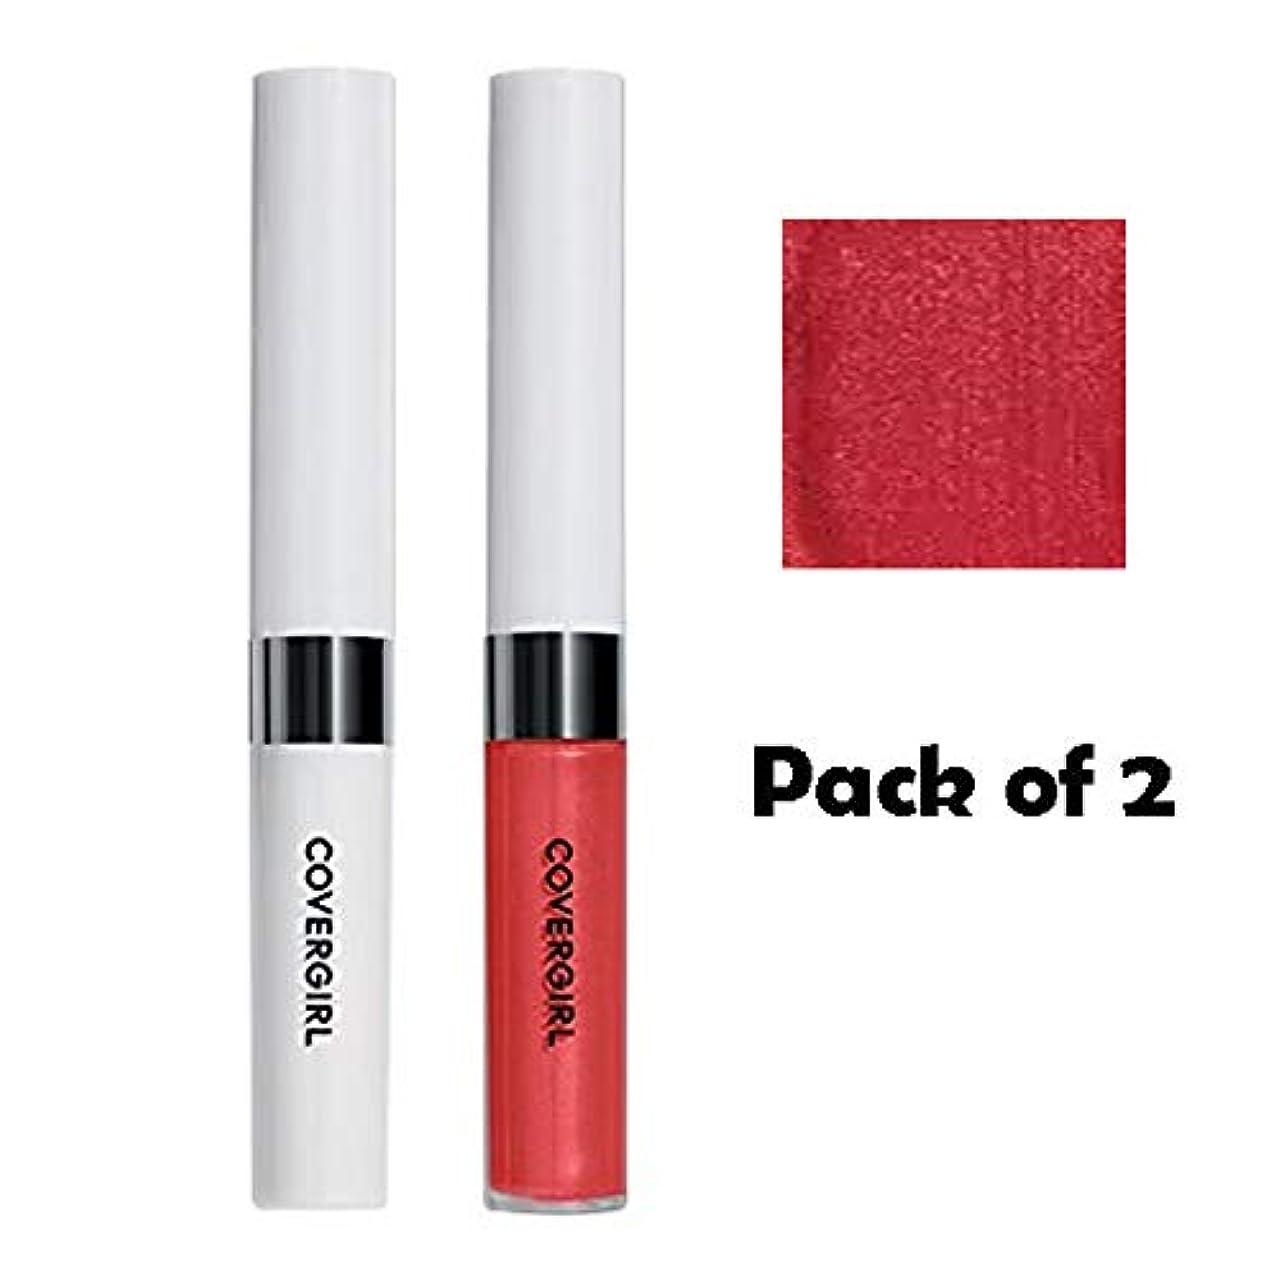 ほめる霊仕事COVERGIRL Outlast All-Day Moisturizing Lip Color - Sparkling Wine 522 (2 Packs) [海外直送品] [並行輸入品]